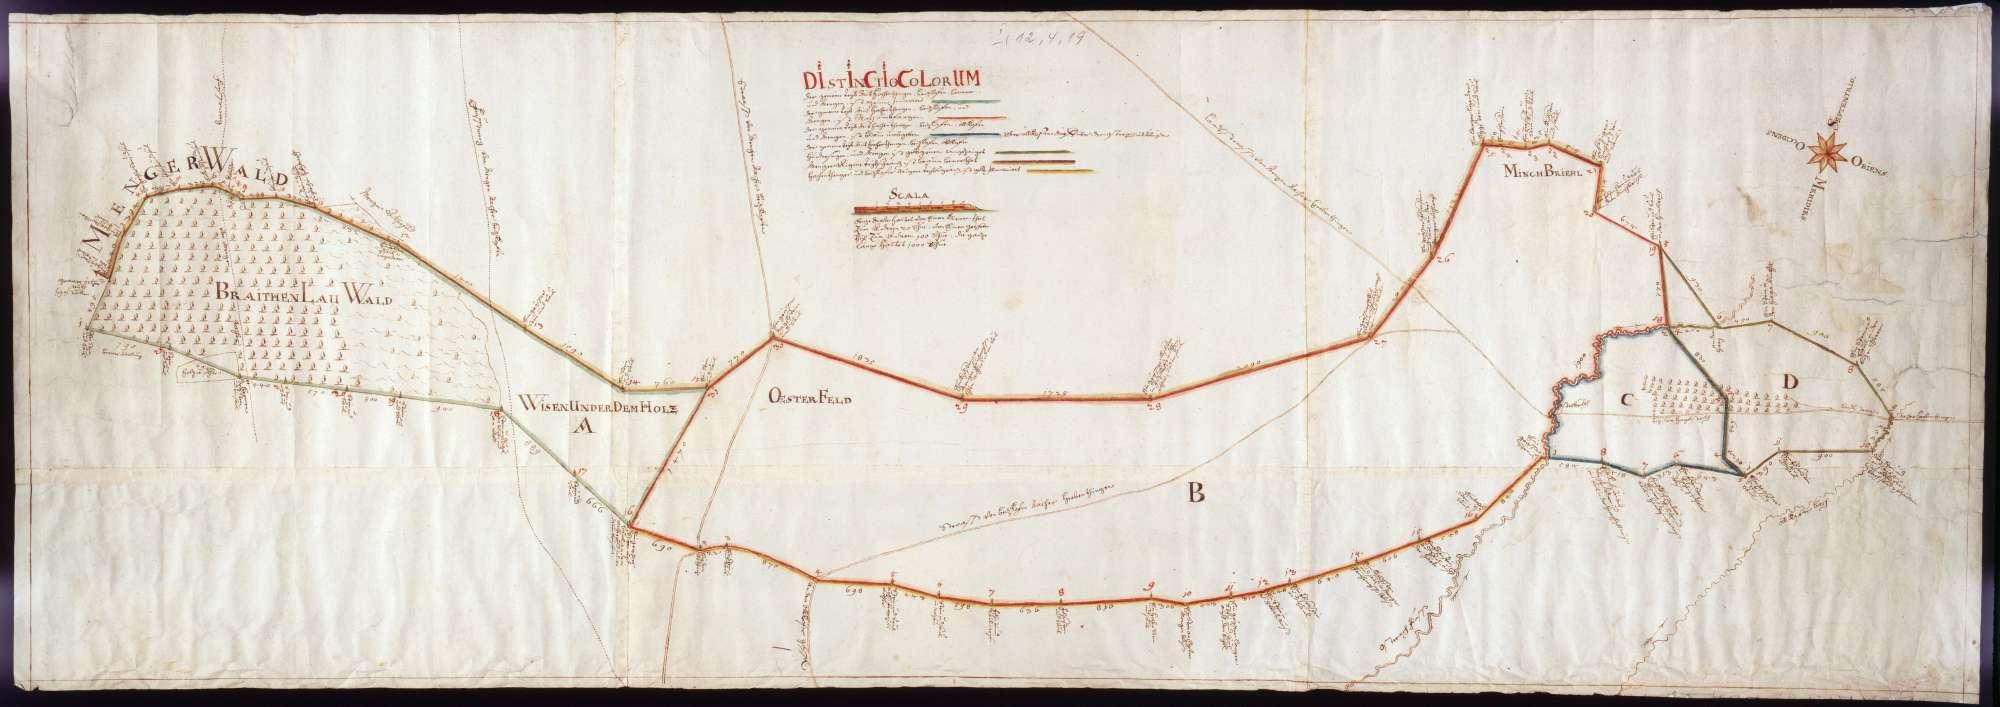 Gemeiner Trieb von Hohentengen, Beizkofen, Bremen und Mengen Maßstab ca. 1 : 4000 col. handgez., Bild 1